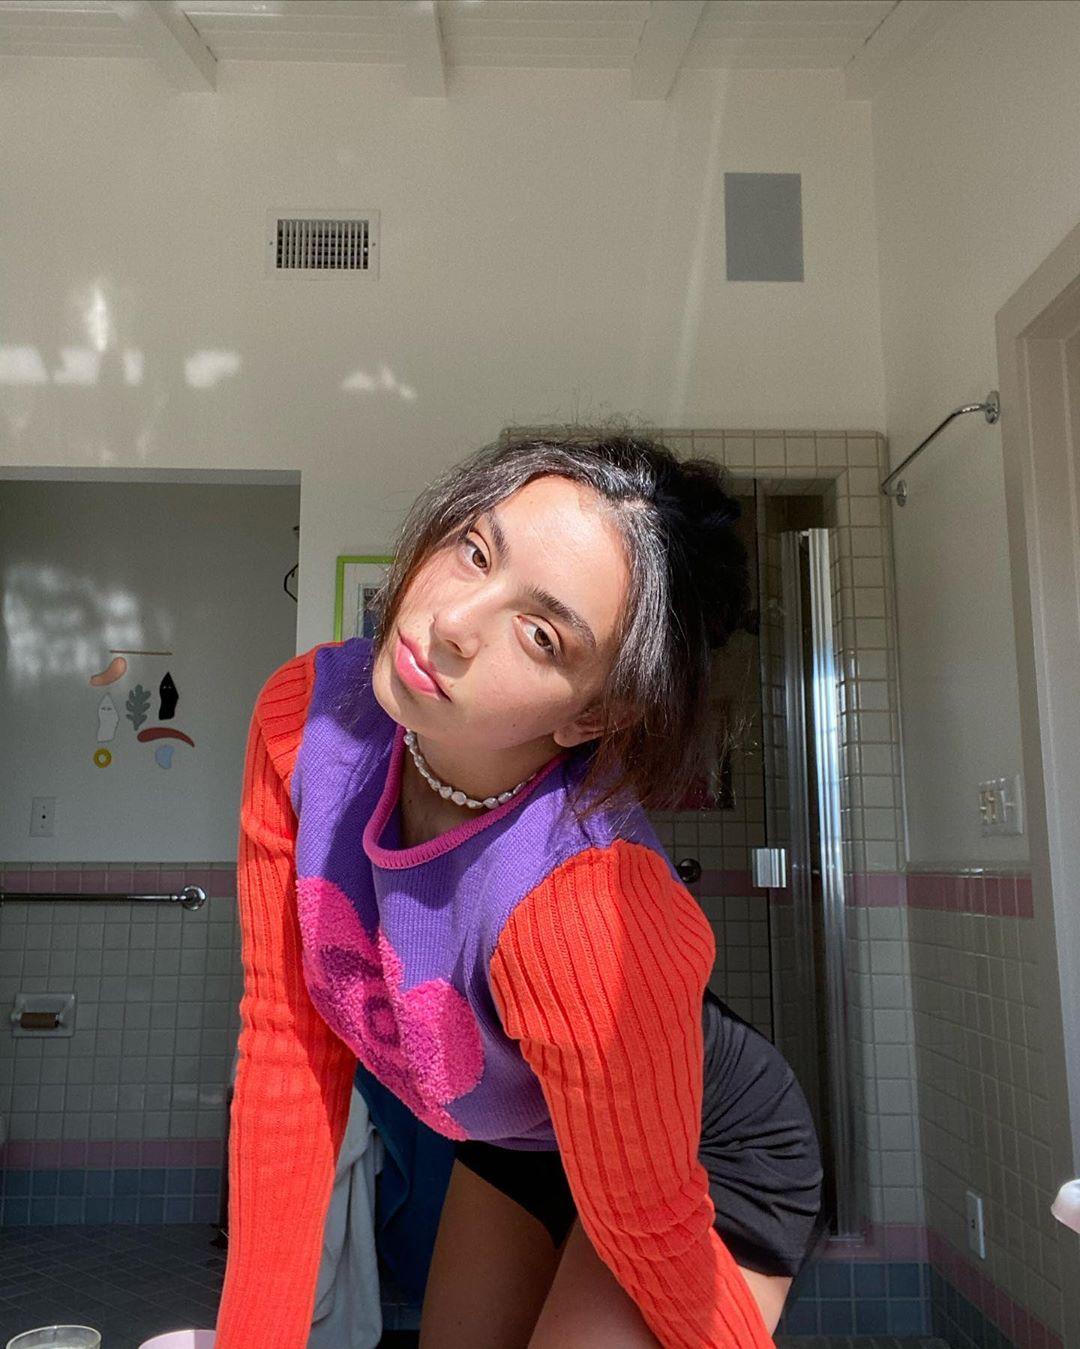 8 lanzamientos recientes que debes escuchar: Charli XCX + Dorian Electra + 100 gecs y más